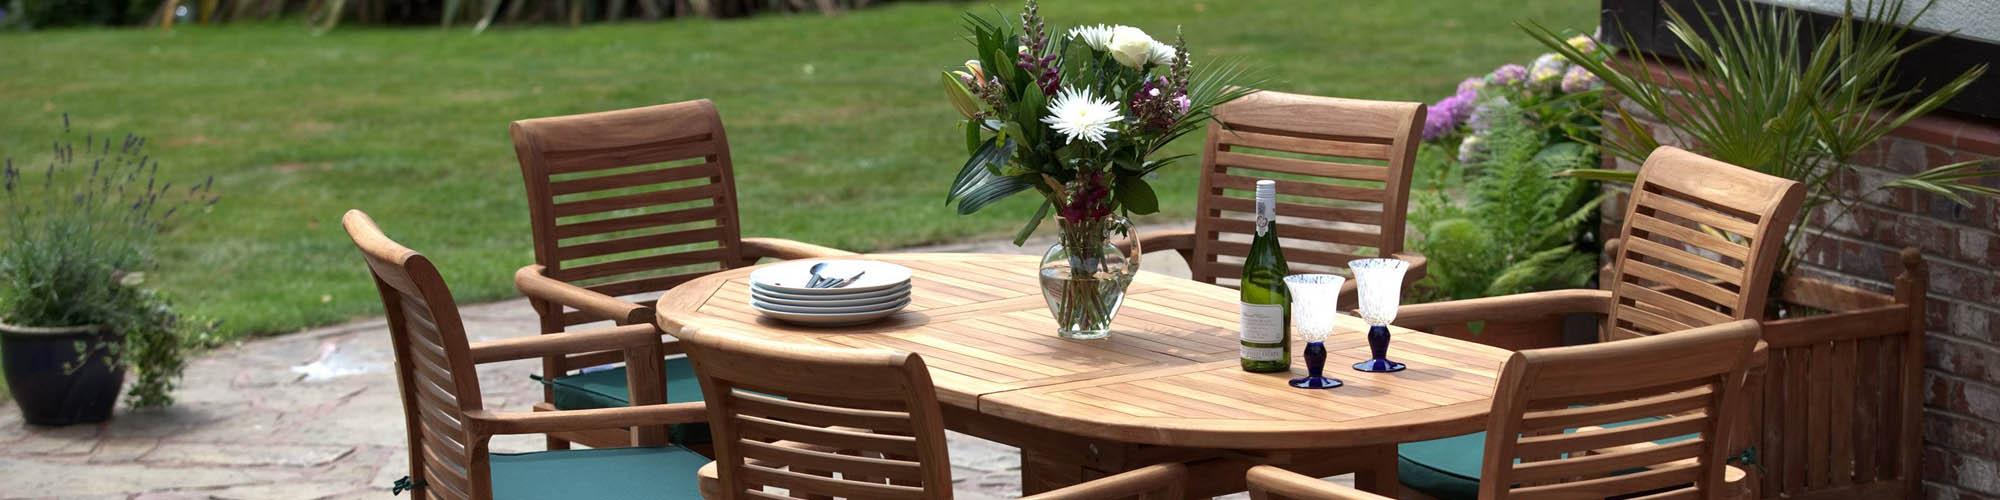 Arredo giardino - Vendita online prodotti arredo giardino